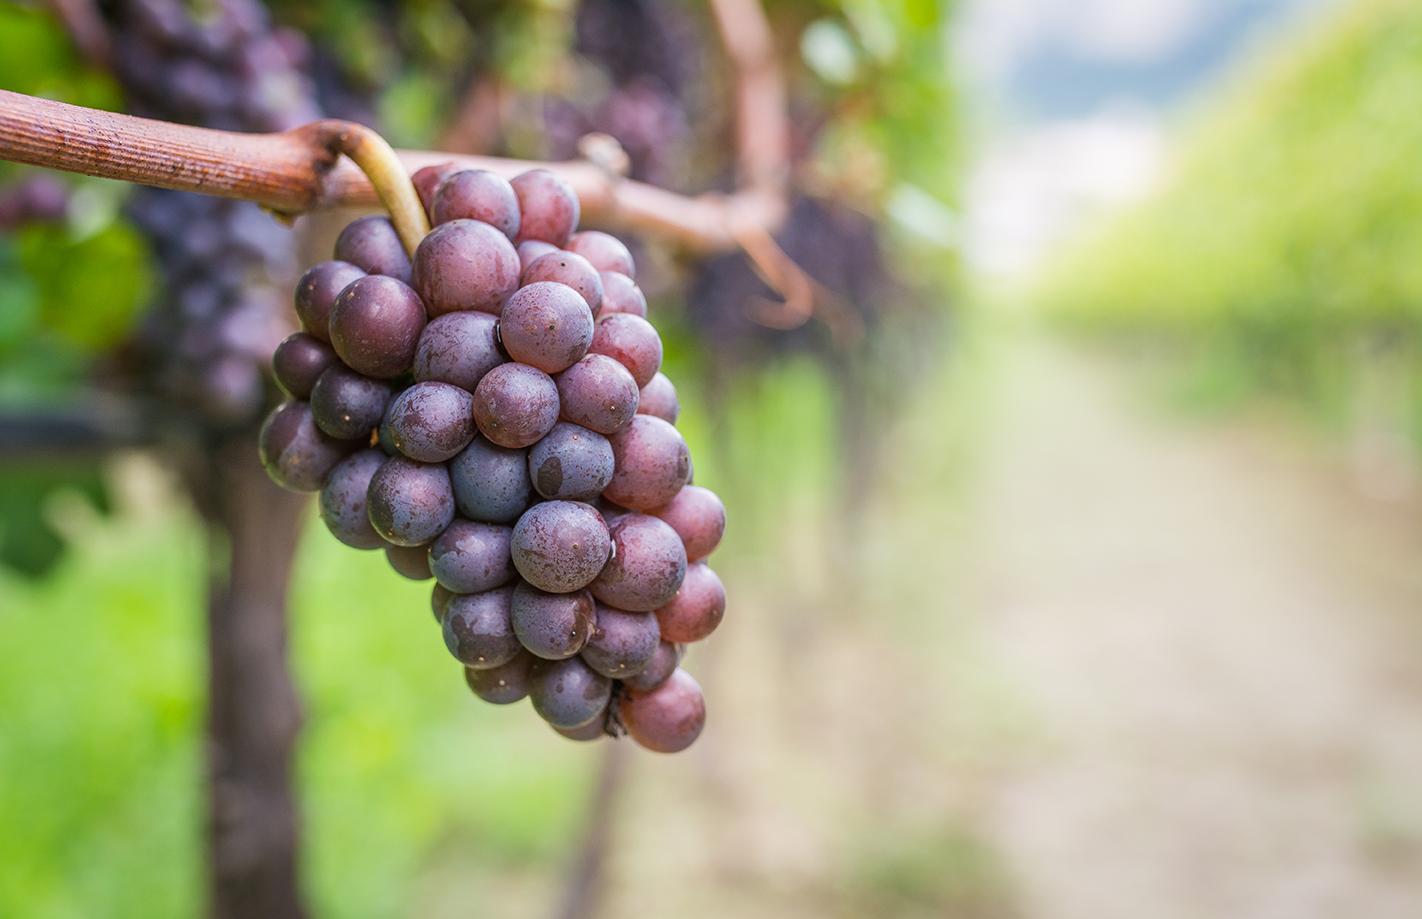 Druer til produktion af rødvin